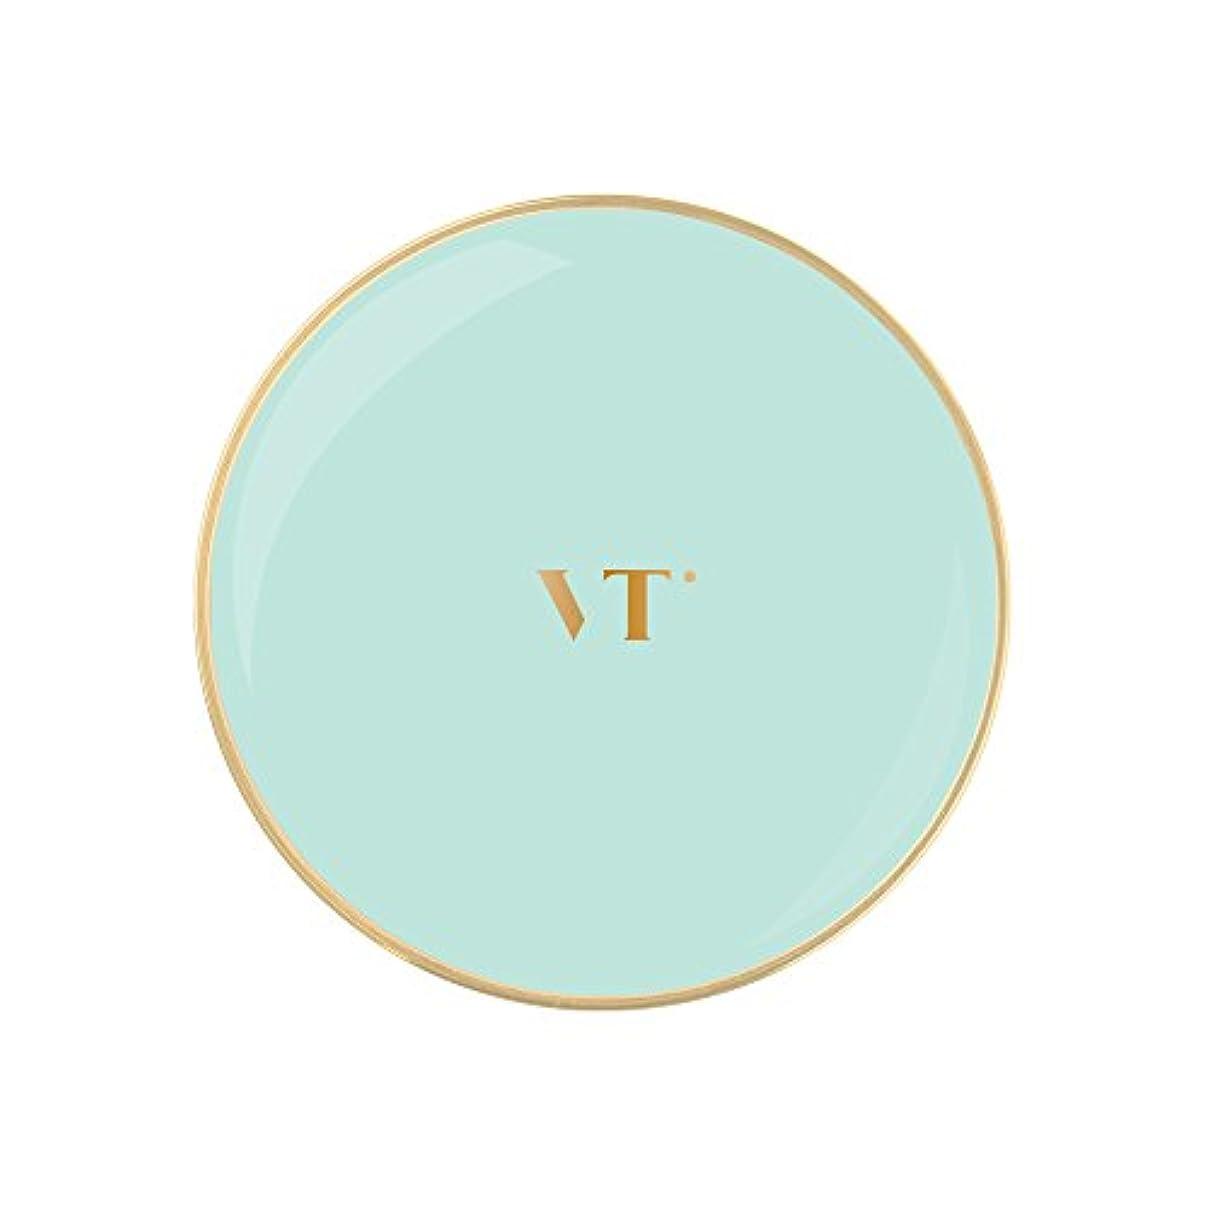 嫌悪恐ろしい最も早いVT Blue Collagen Pact 11g/ブイティー ブルー コラーゲン パクト 11g (#23) [並行輸入品]